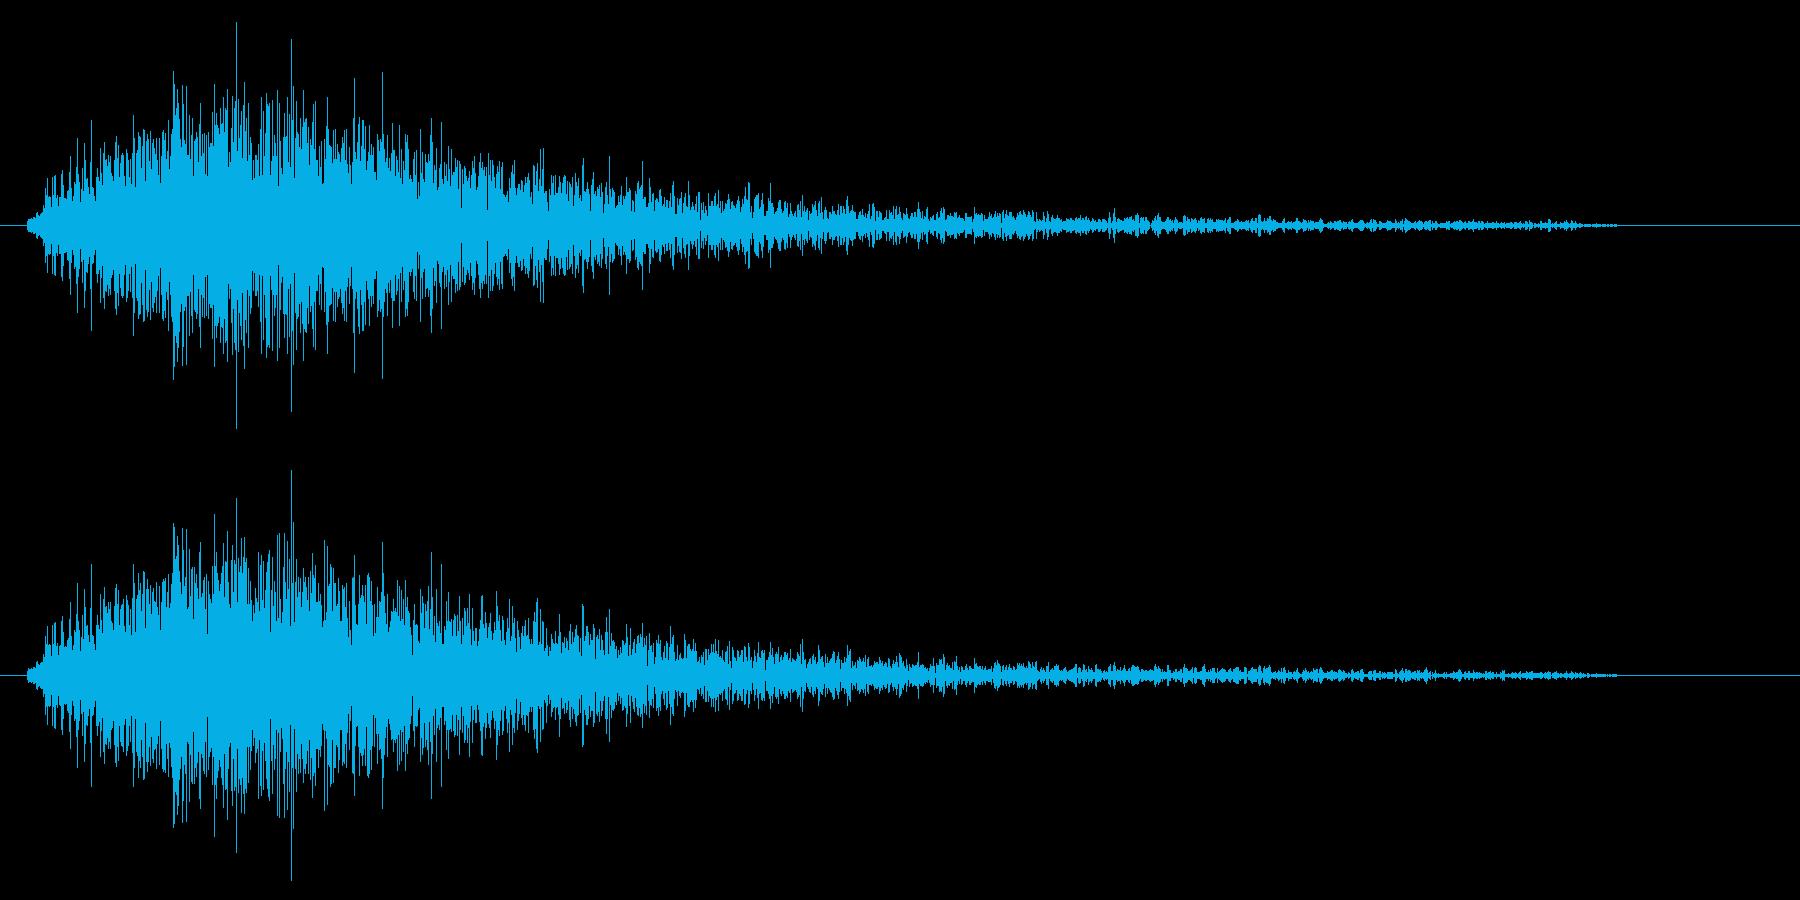 チュワーン(シューティング音)の再生済みの波形